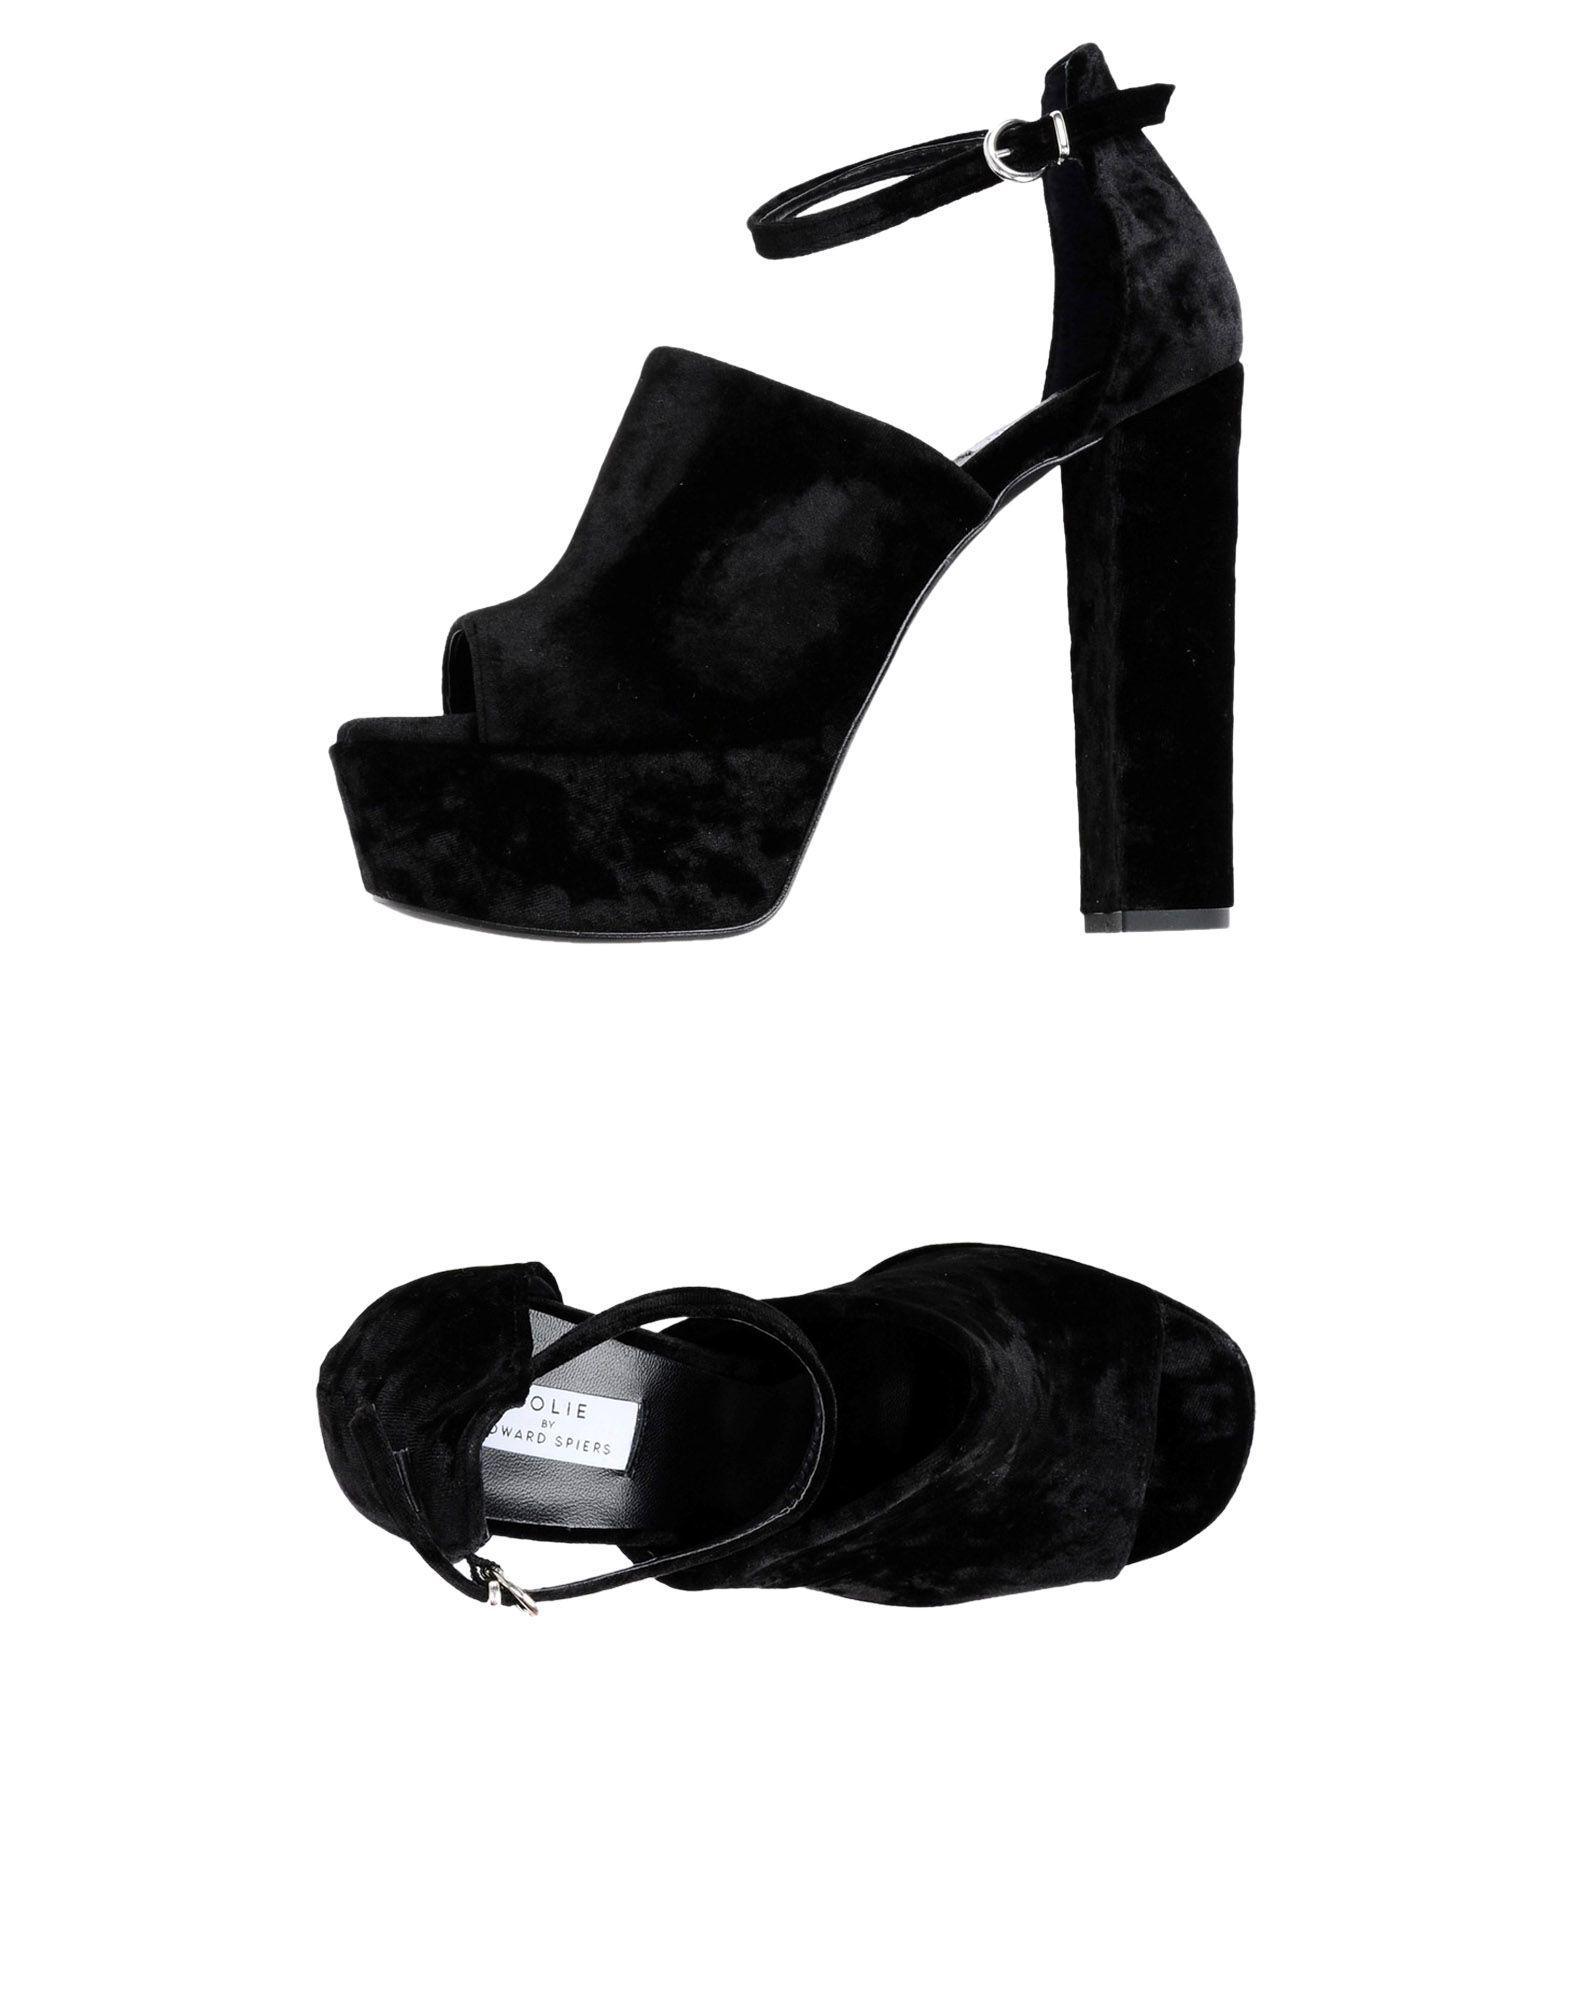 FOOTWEAR - Sandals Jolie By Edward Spiers 1bK5Sjw